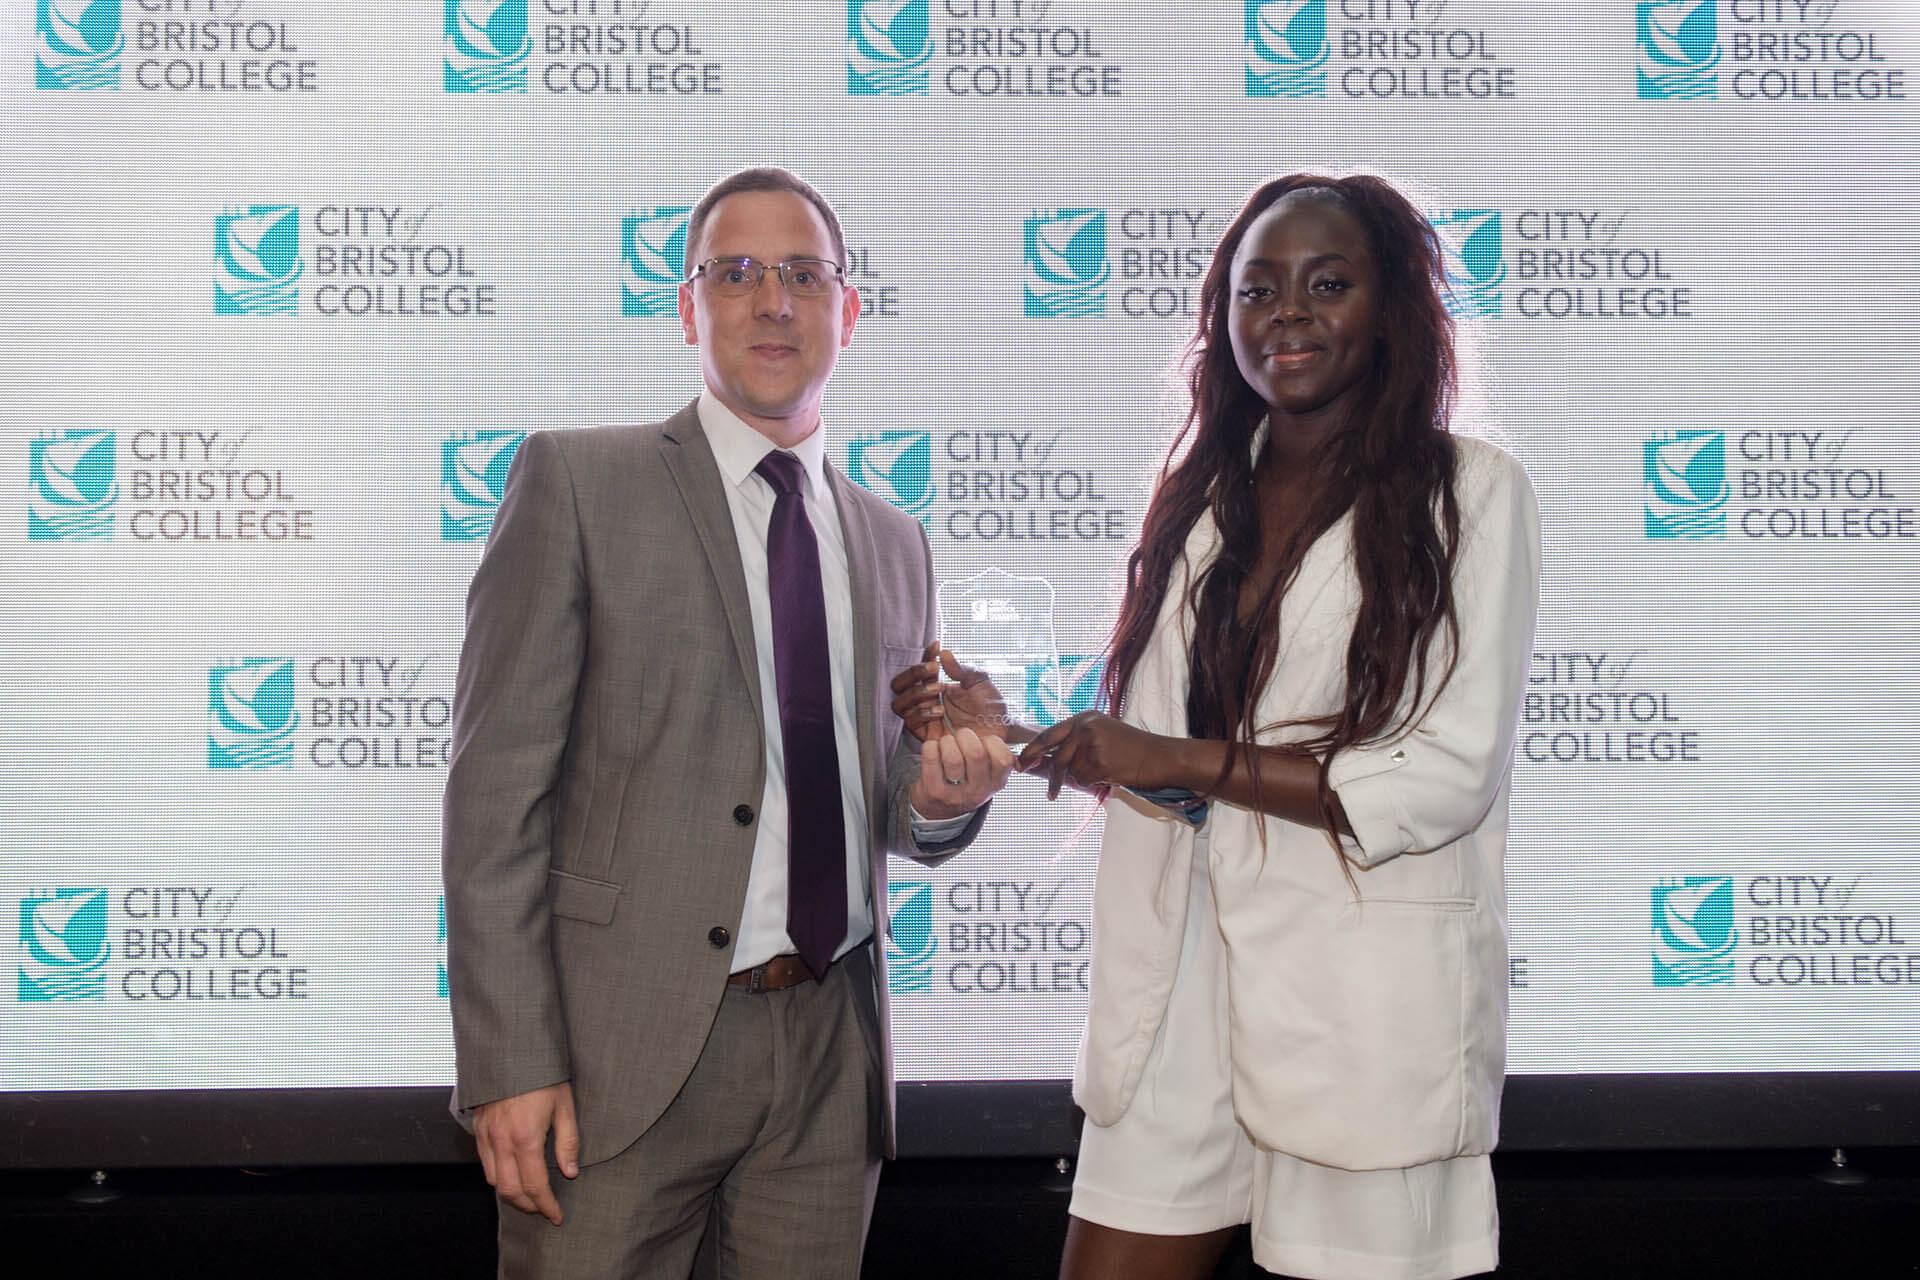 Student award winner and sponsor